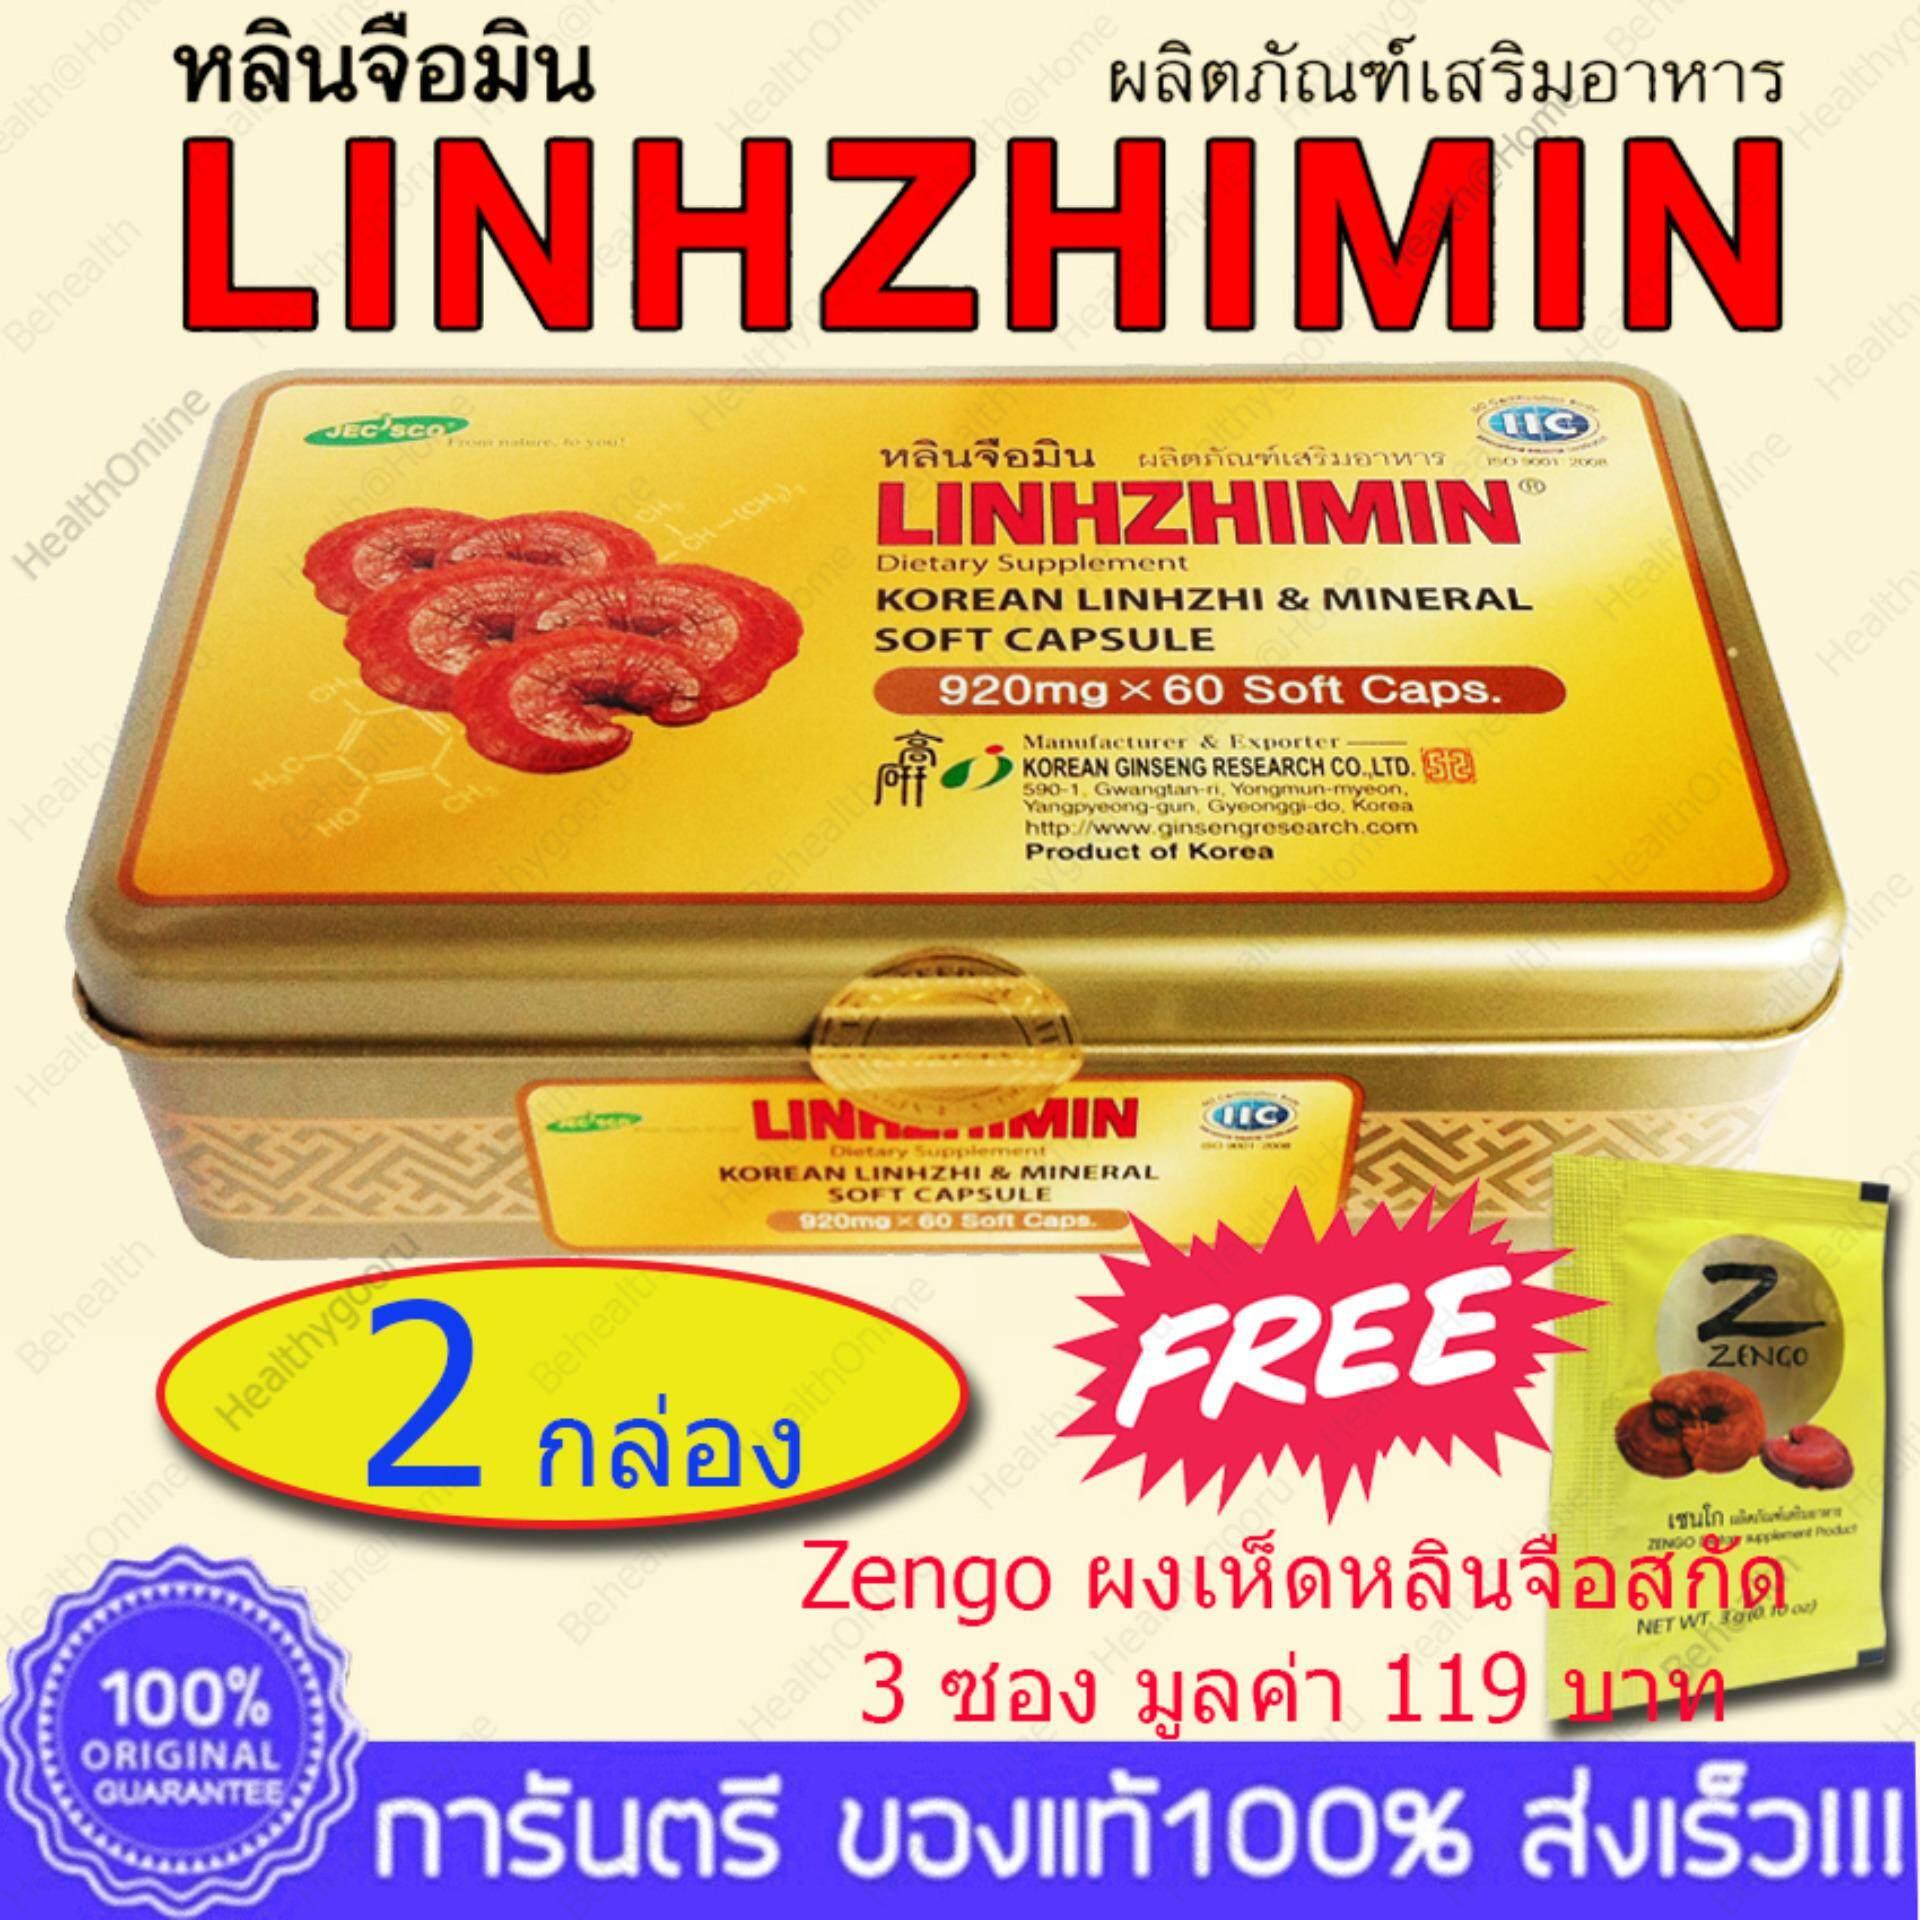 ซื้อ Linhzhimin หลินจือมิน 60 Capsule X 2 Box Free Zengo 3 ซอง มูลค่า 119 บาท ใหม่ล่าสุด